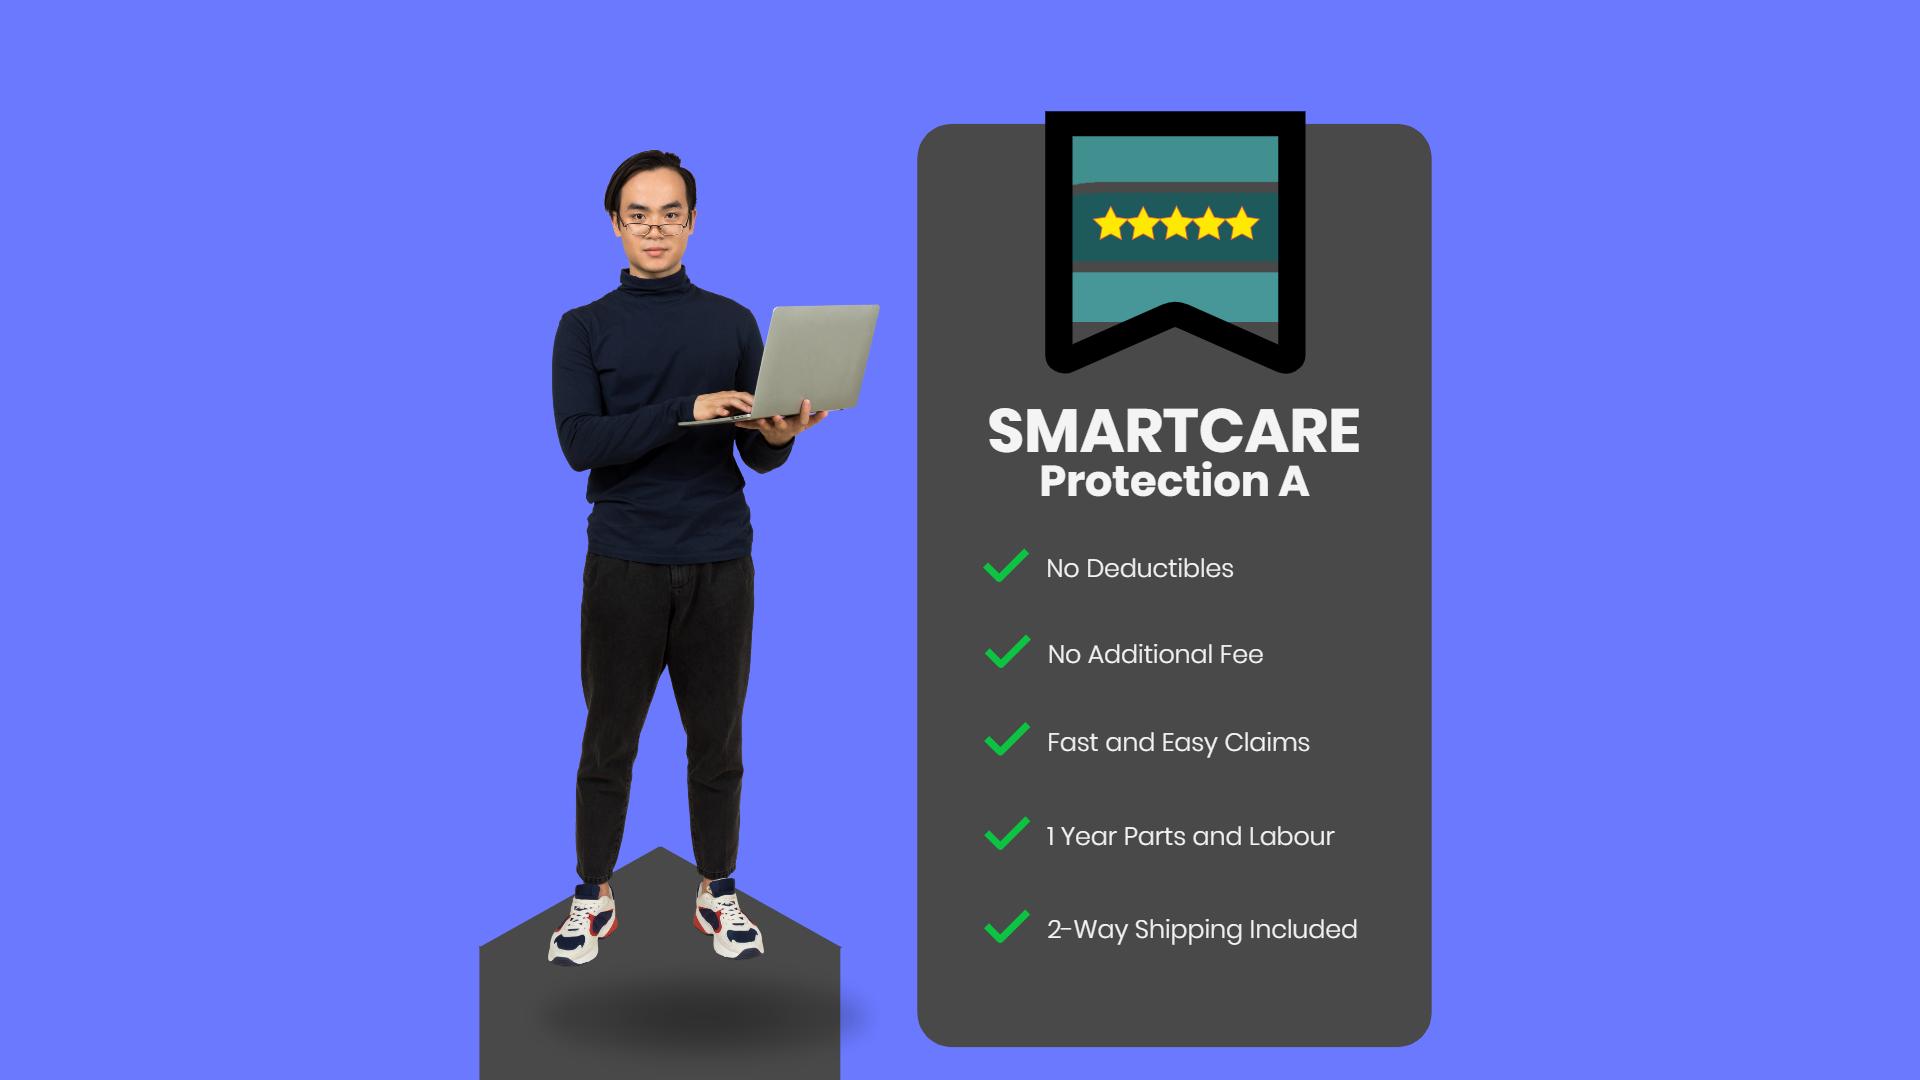 smartcare-facebook-1000x1000.jpeg